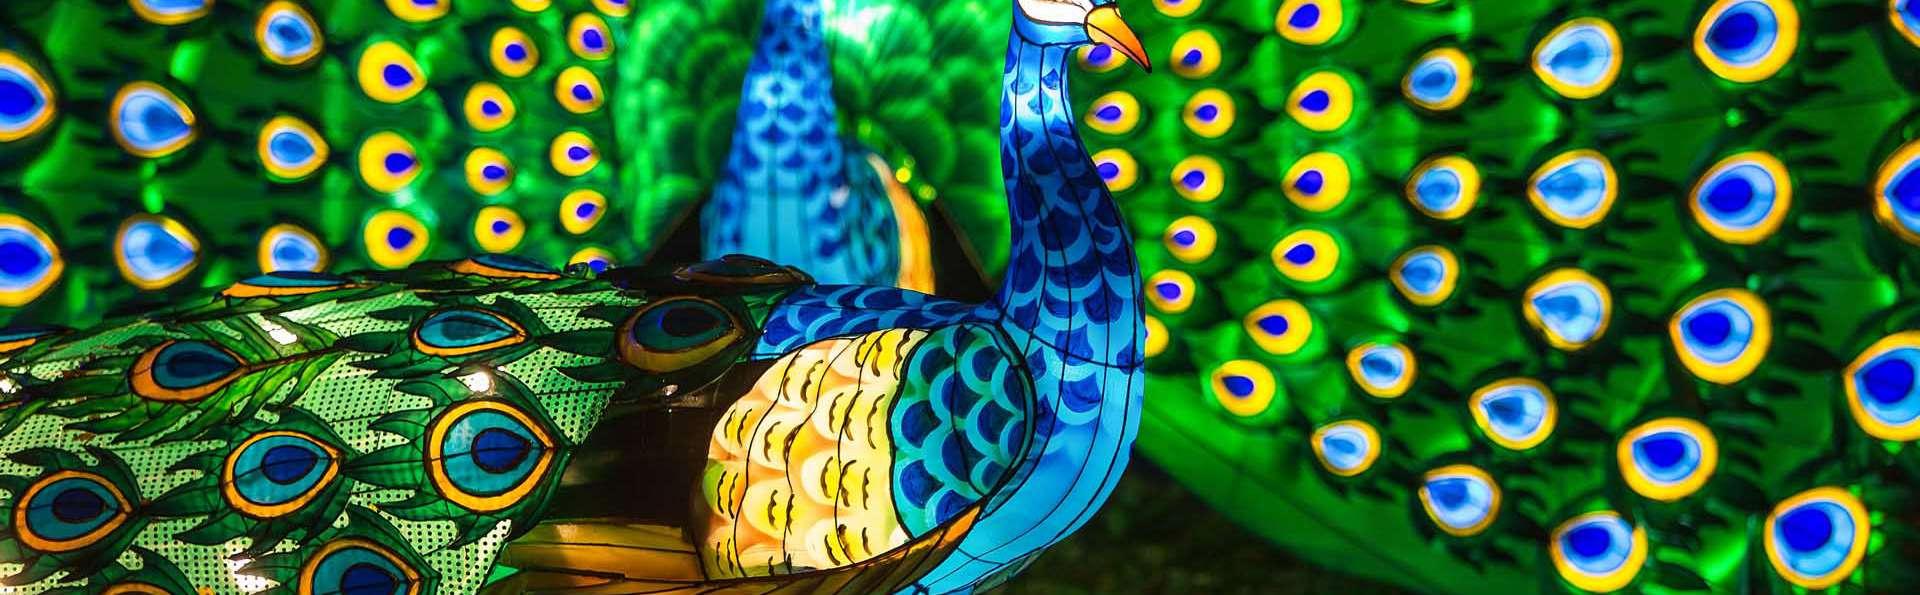 Séjour insolite en roulotte avec entrée au ZooSafari de Thoiry (à partir de 2 nuits)